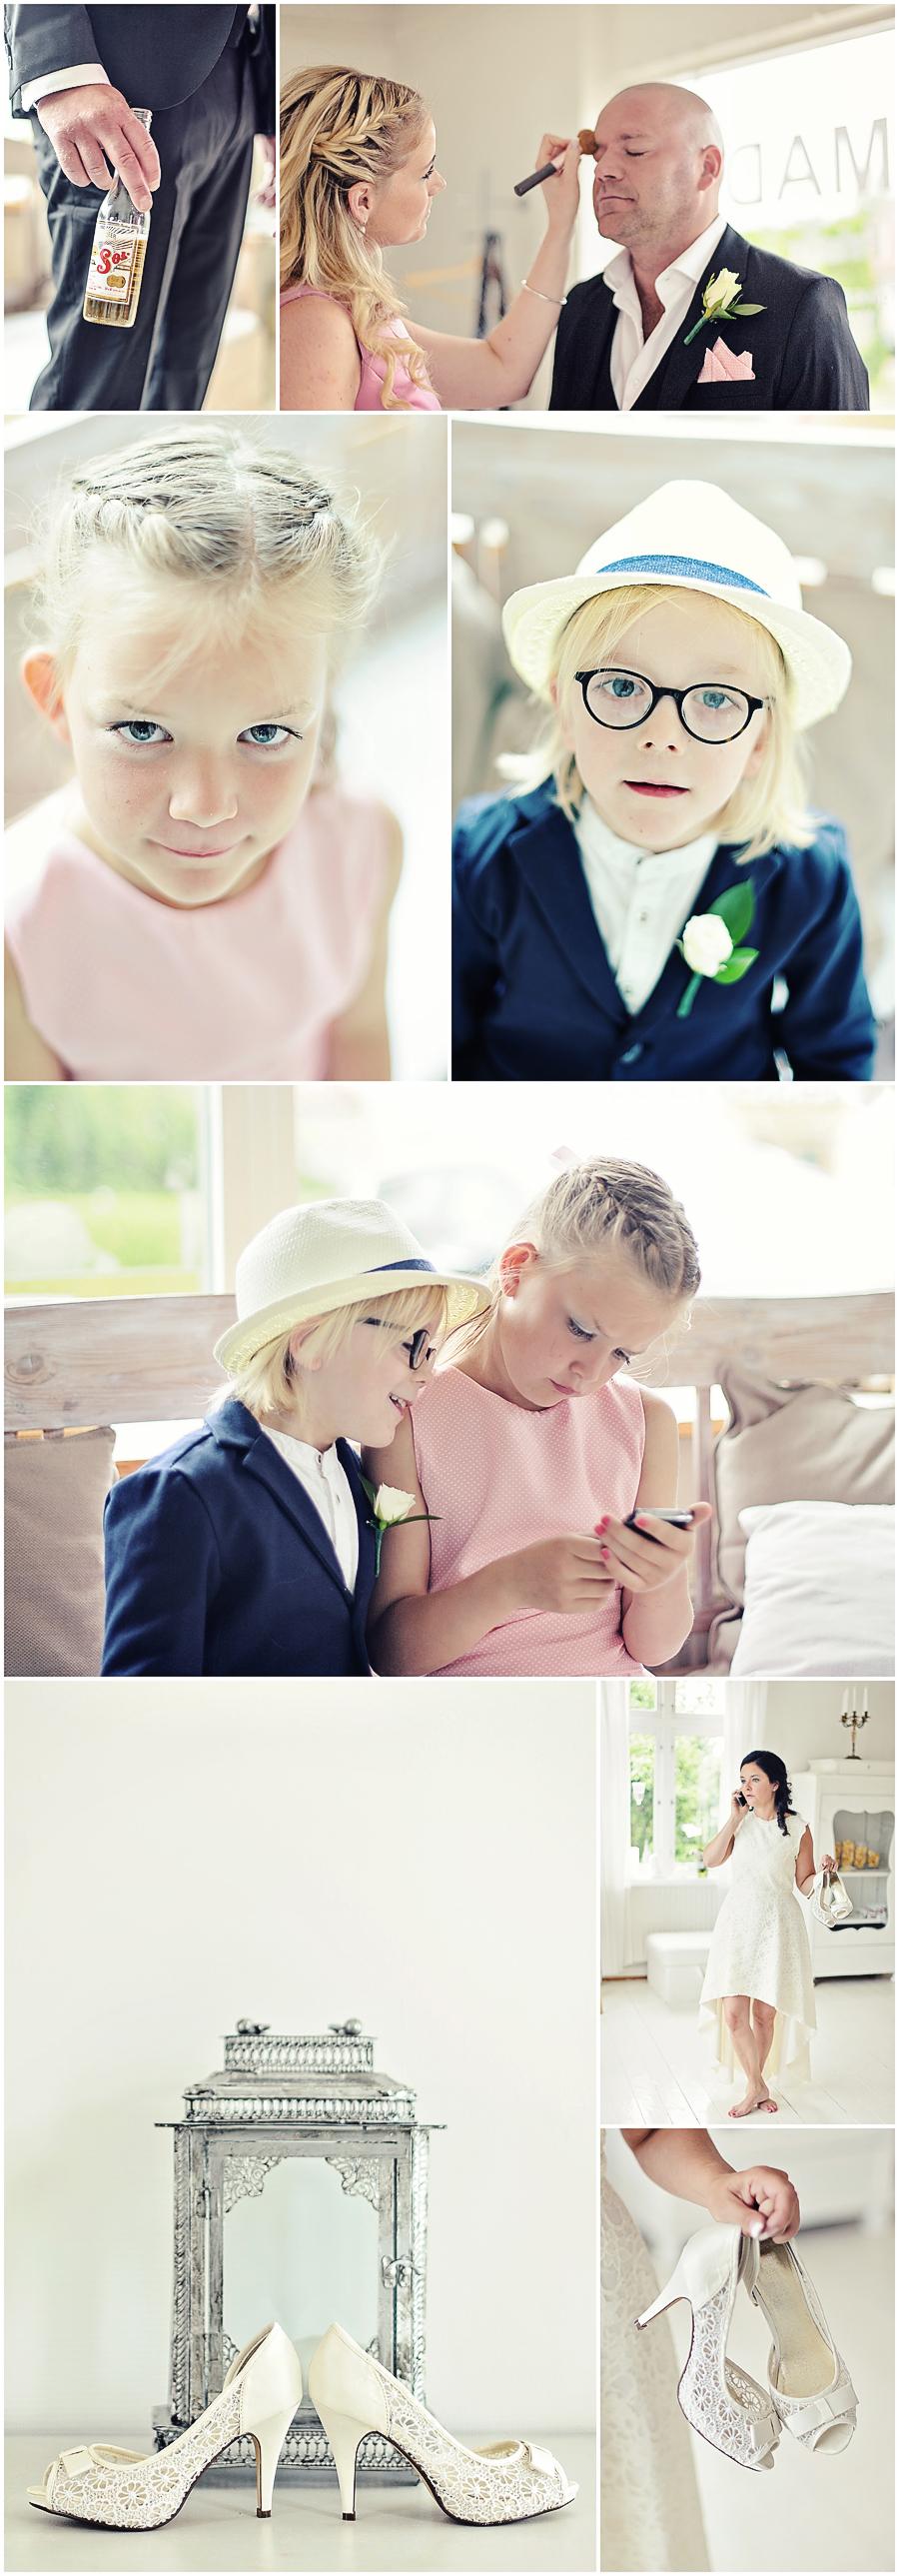 Bröllopsfotografering Frida och Johan vid Odensjön